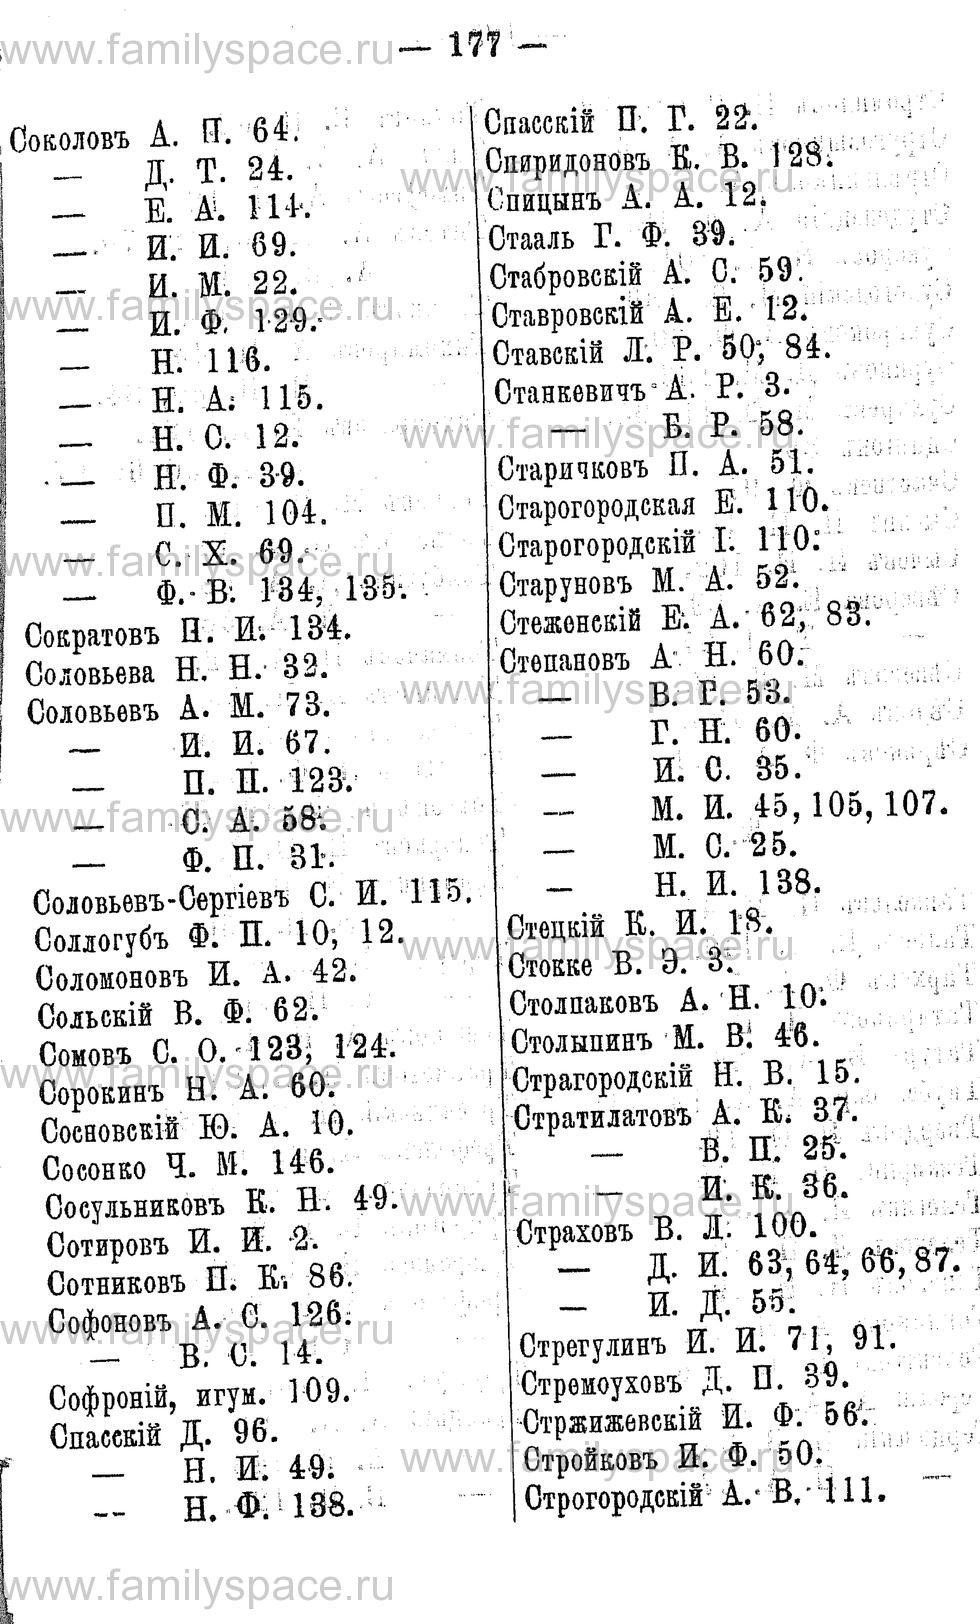 Поиск по фамилии - Адрес-календарь Нижегородской губернии на 1891 год, страница 177